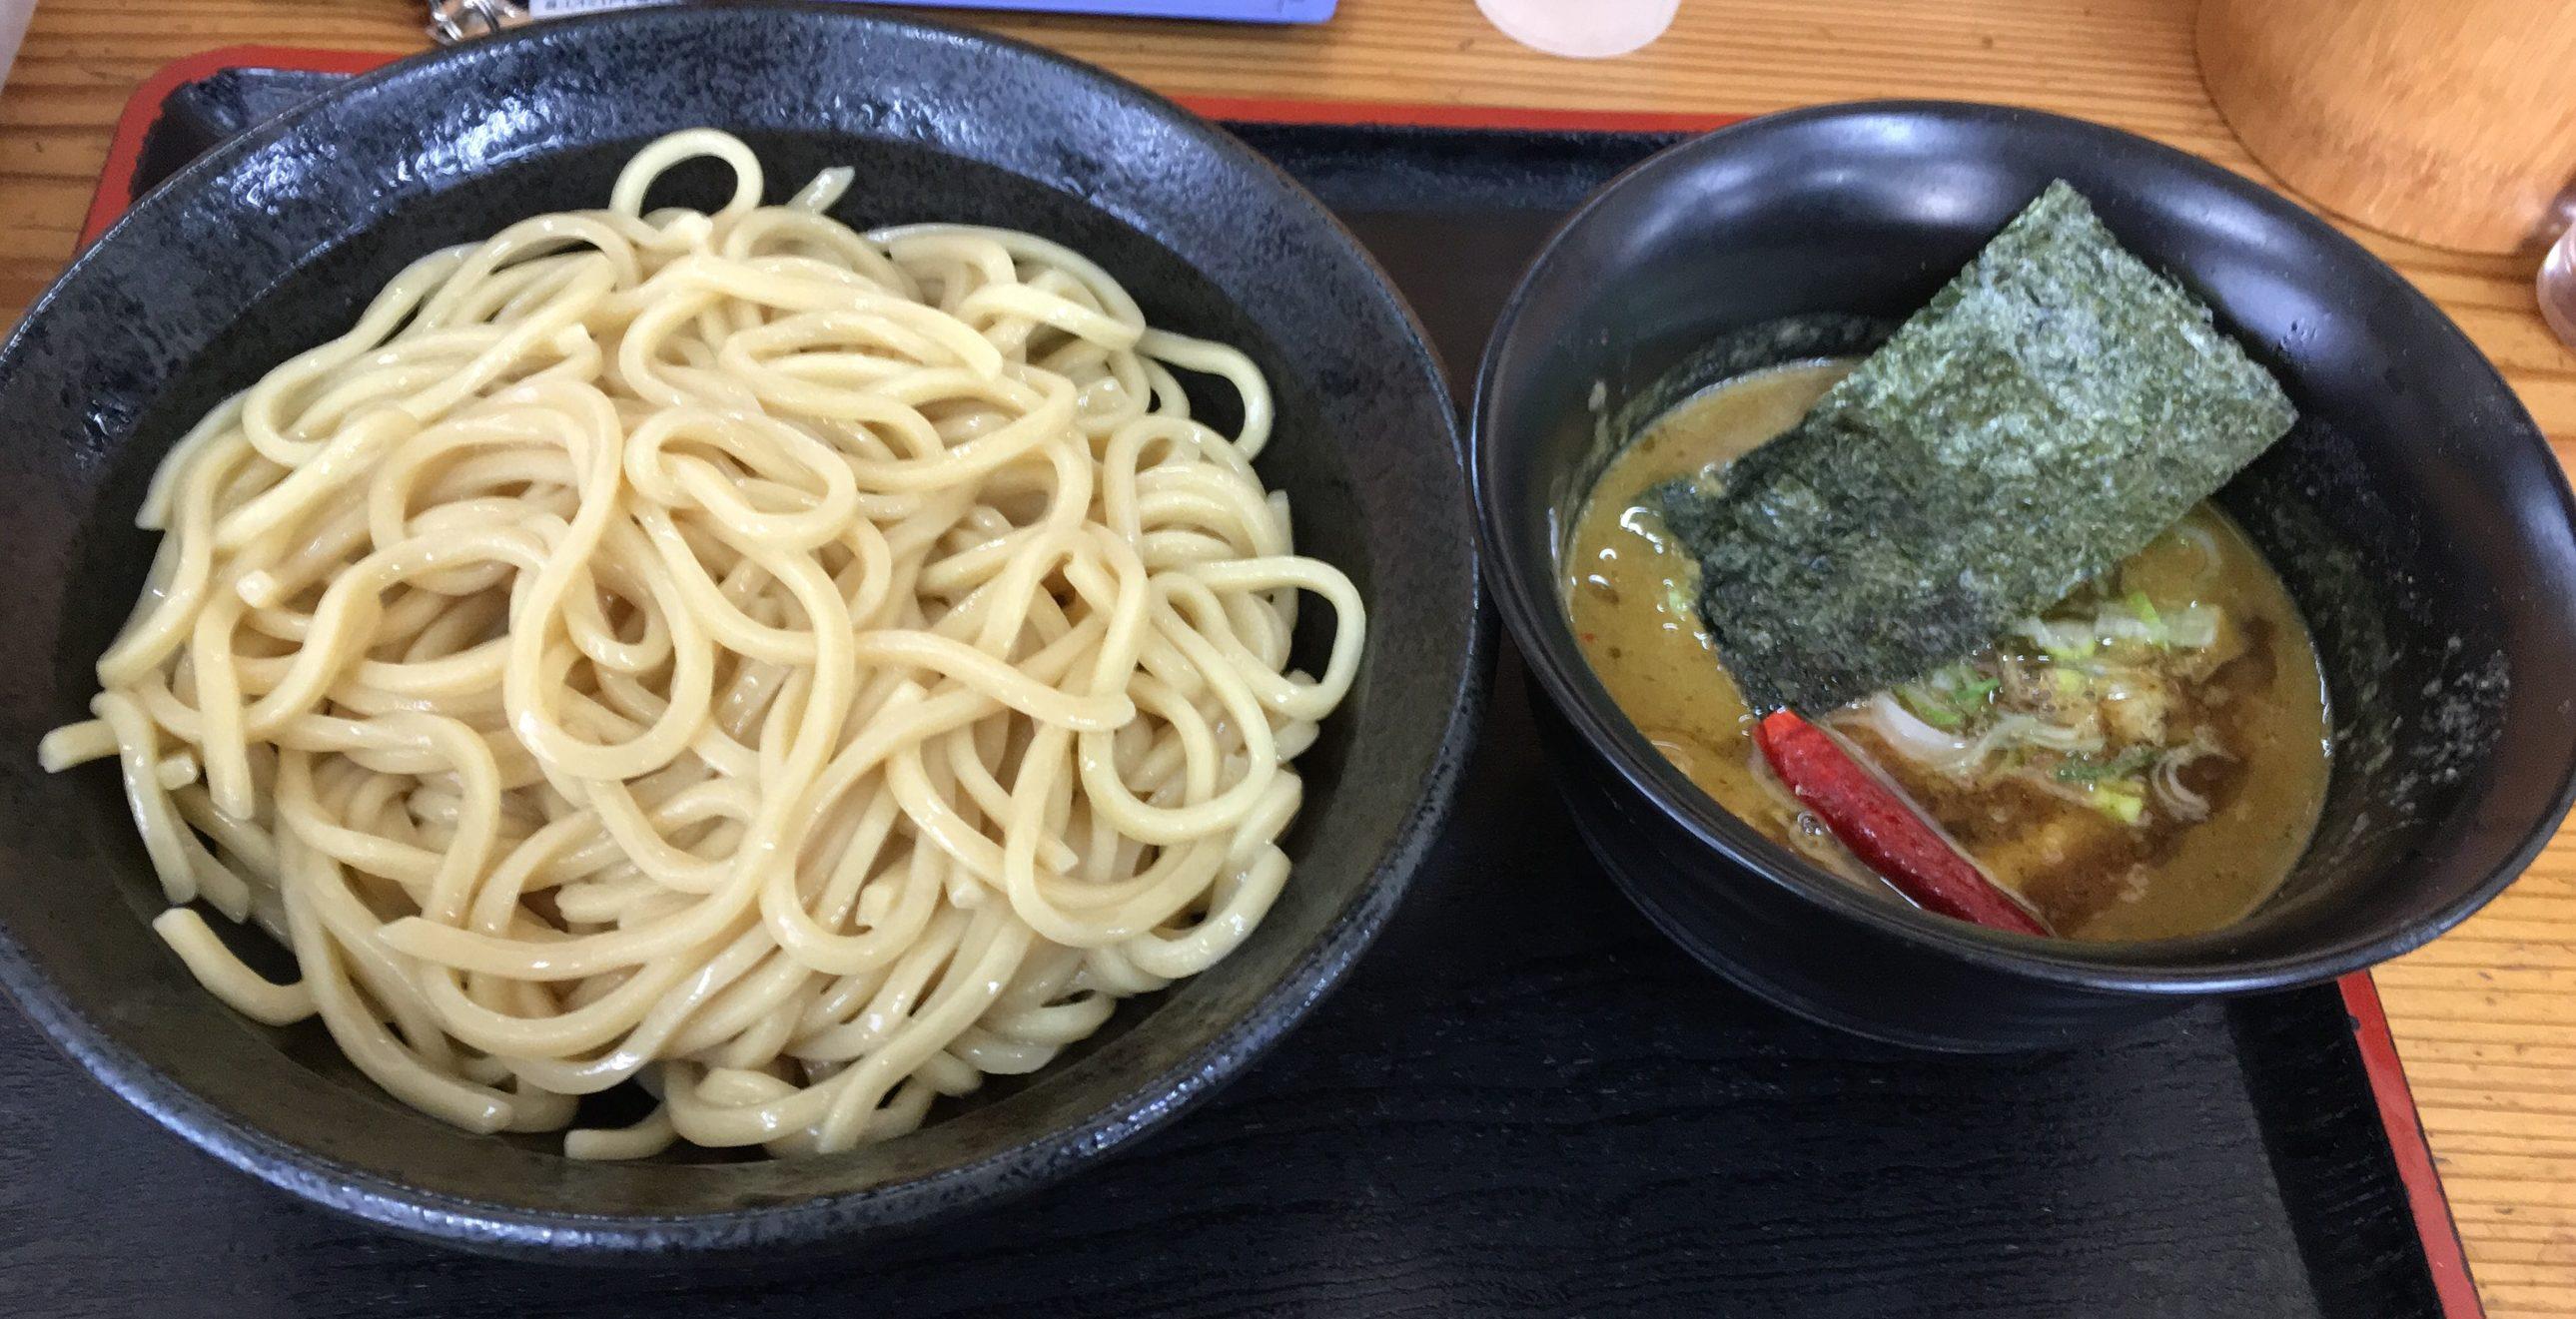 【熊谷市】食べログ評価1位 人気のつけ麺店「福は内」はおすすめのラーメン店